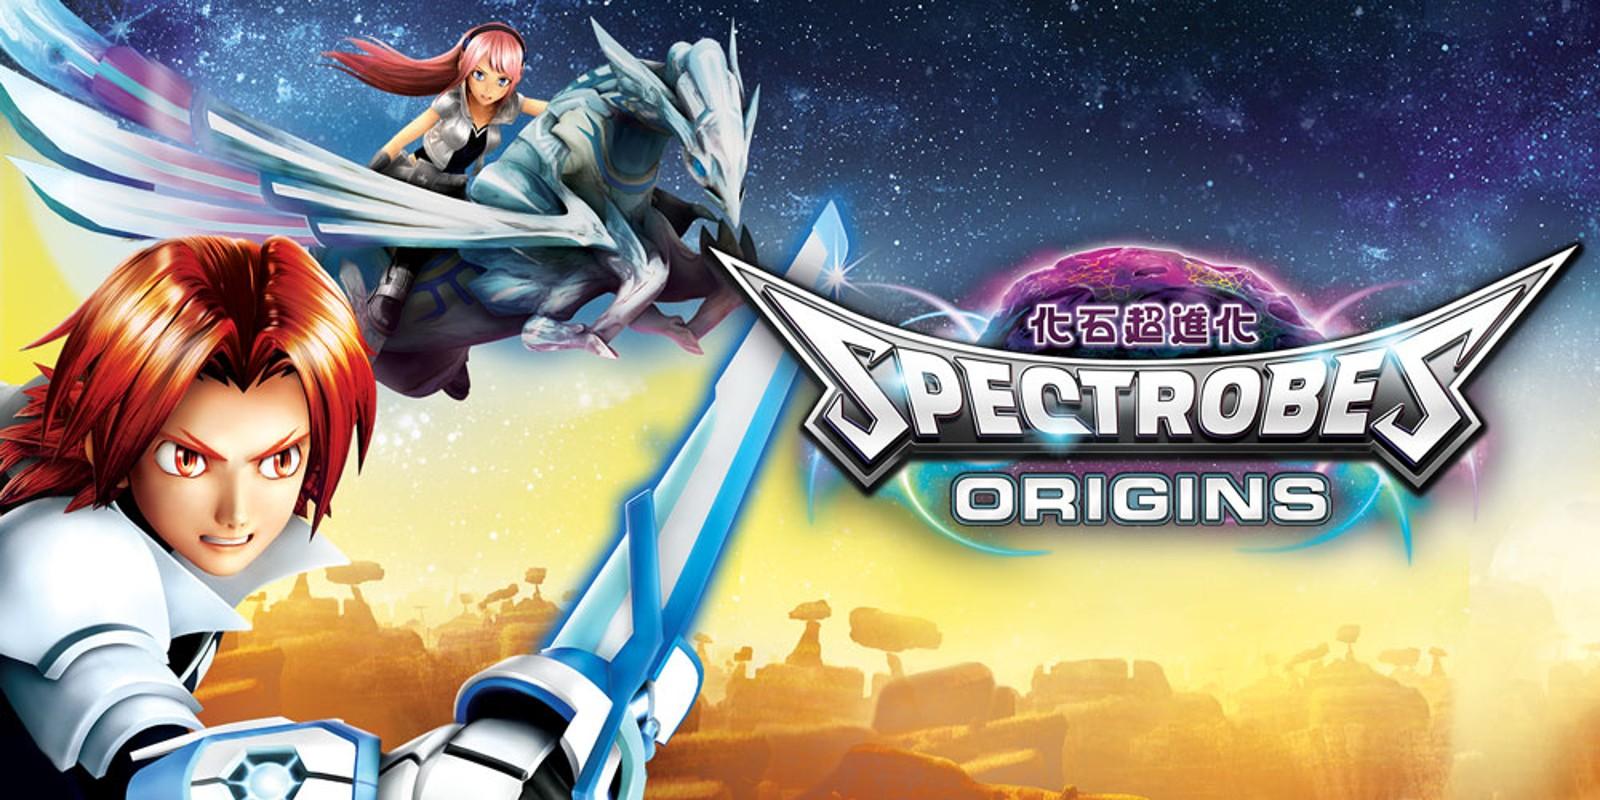 spectrobes origins wii